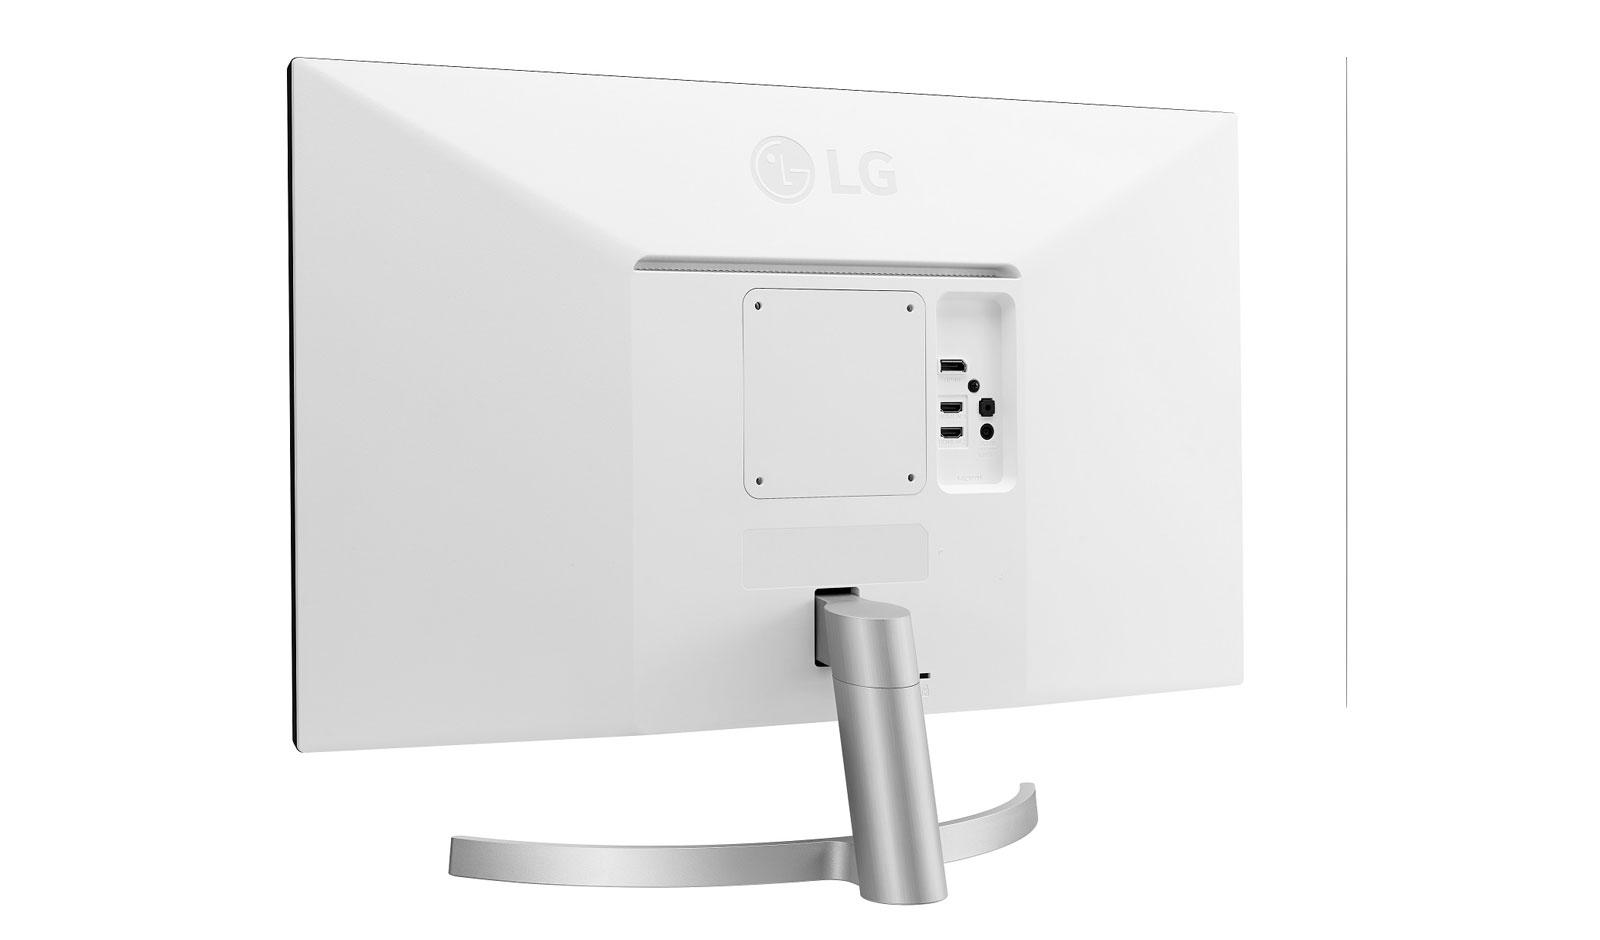 מסך מחשב 27 אינטש 4K מקצועי LG 27UL500-W אל ג'י - תמונה 8